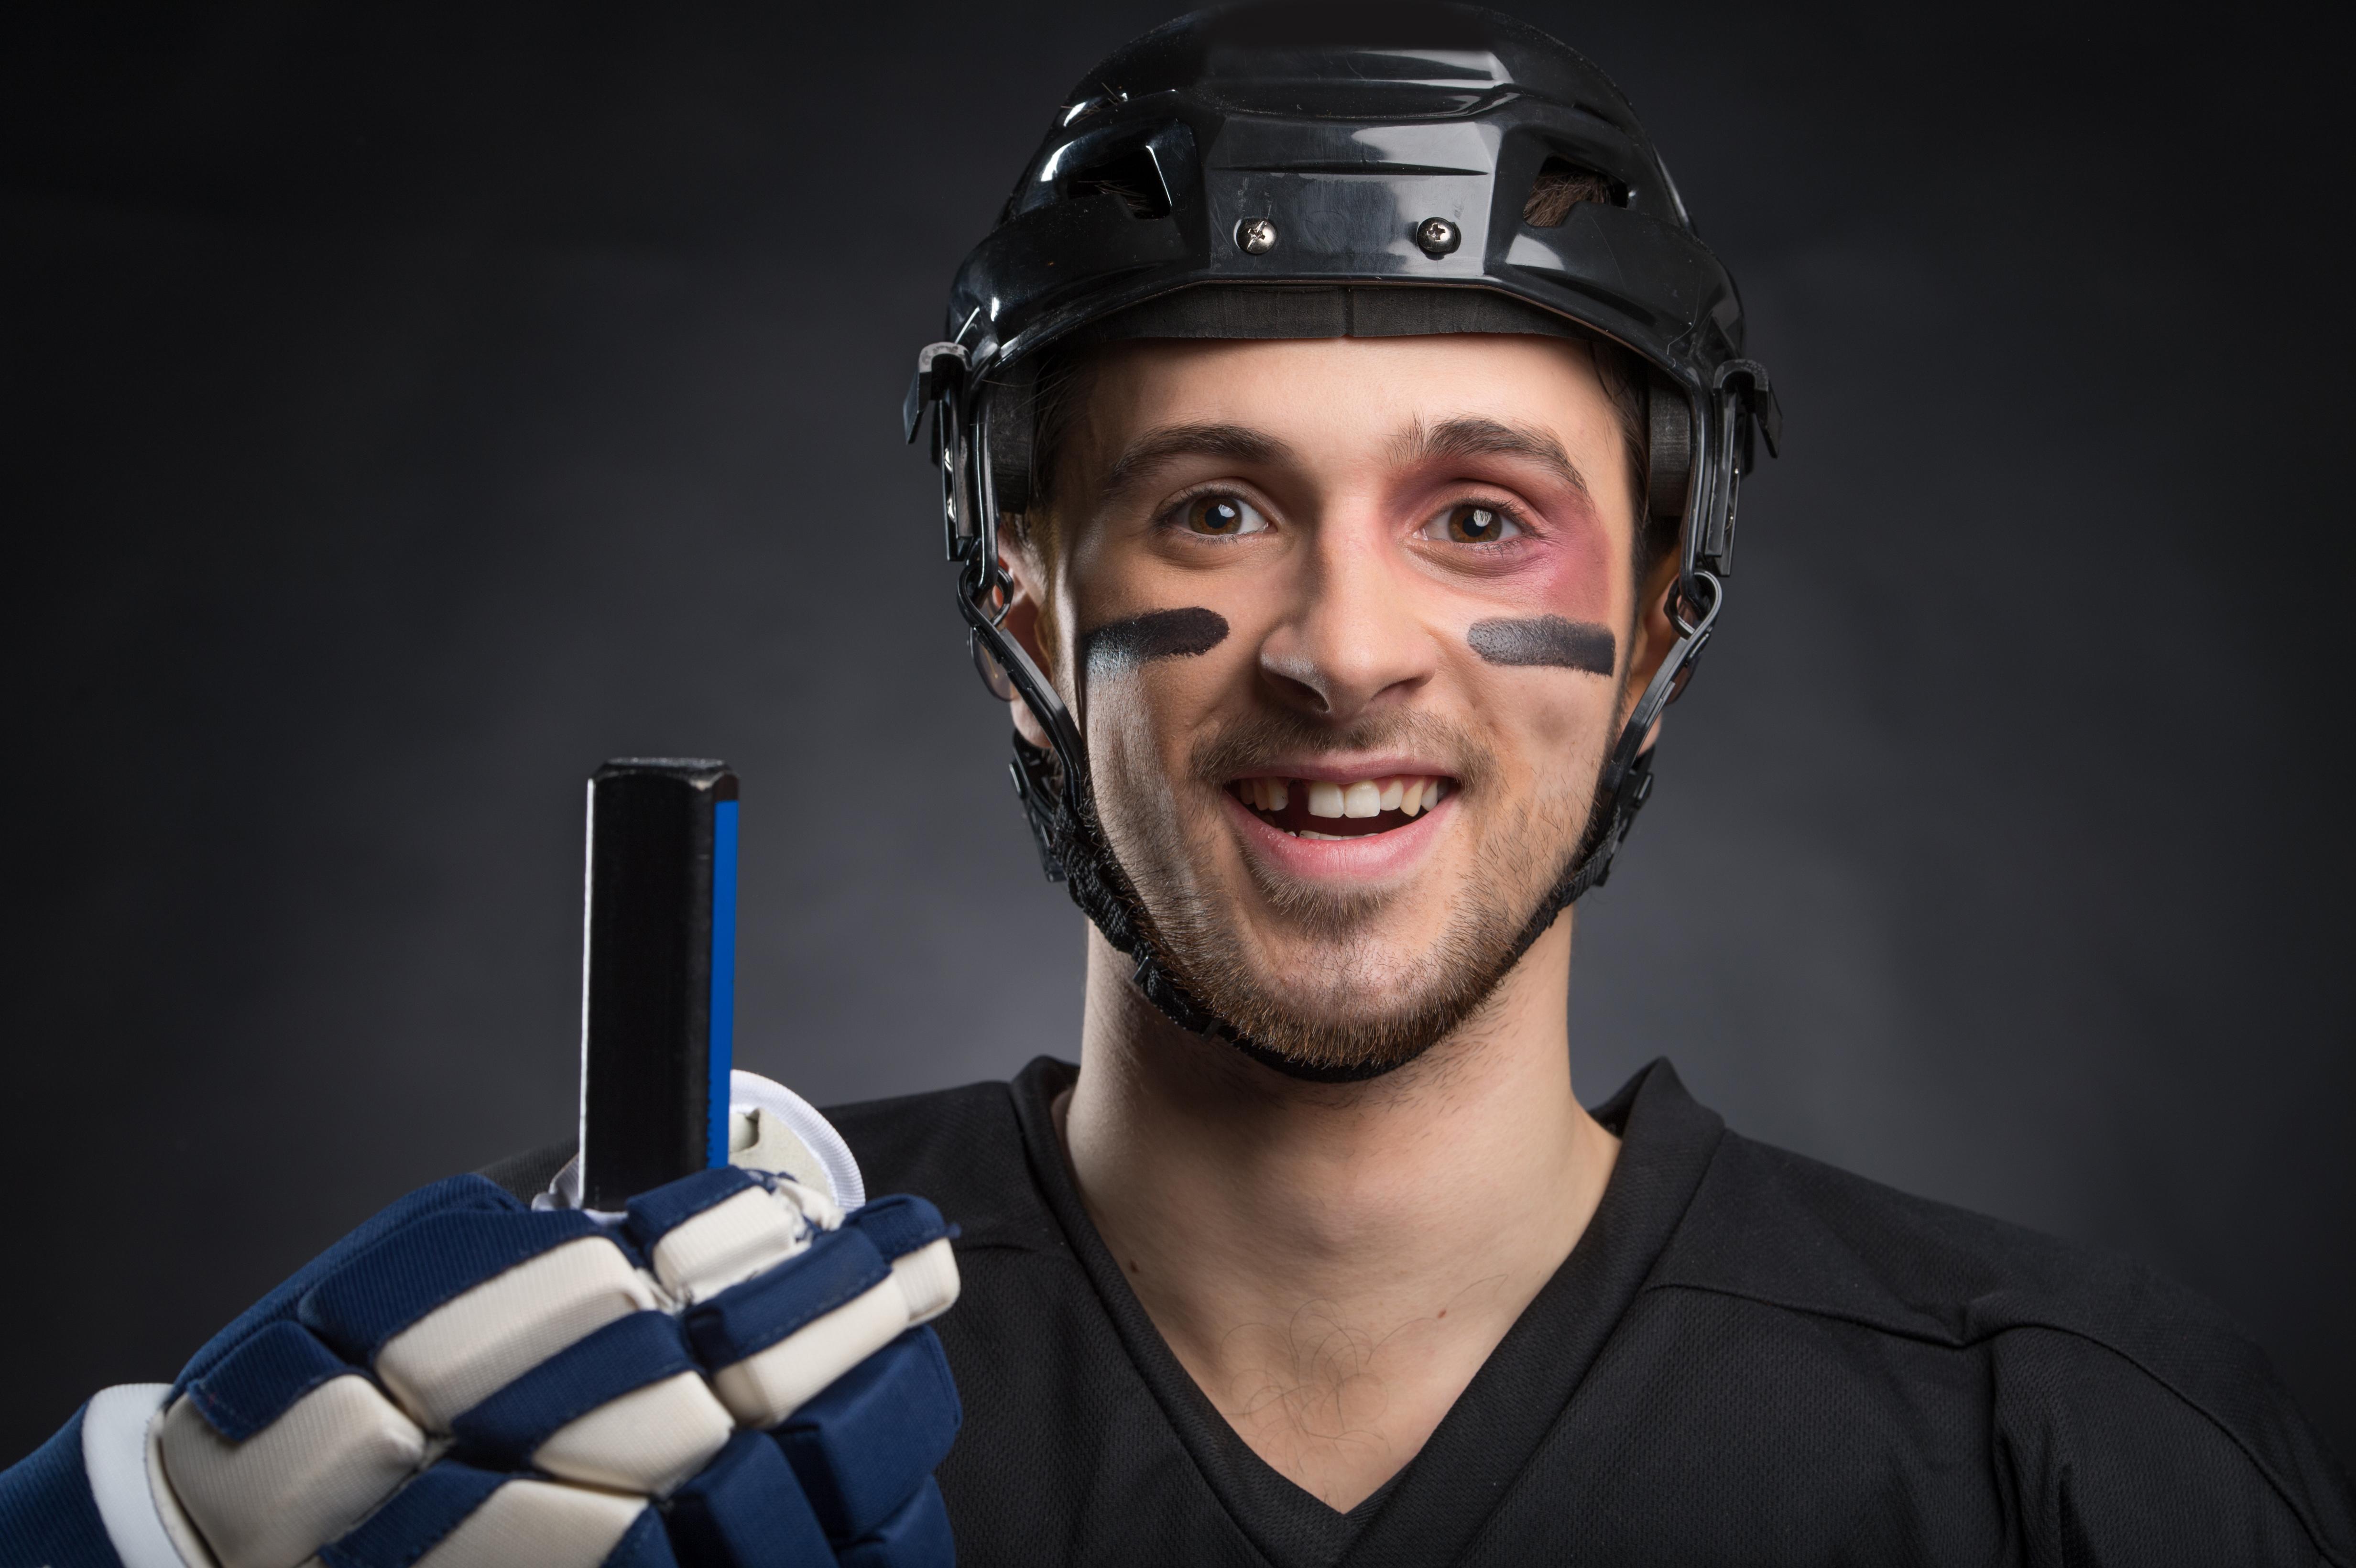 En utslagen tand kan ofta räddas, om man beger sig till tandläkaren snabbt och ser till att tanden inte torkar ut.